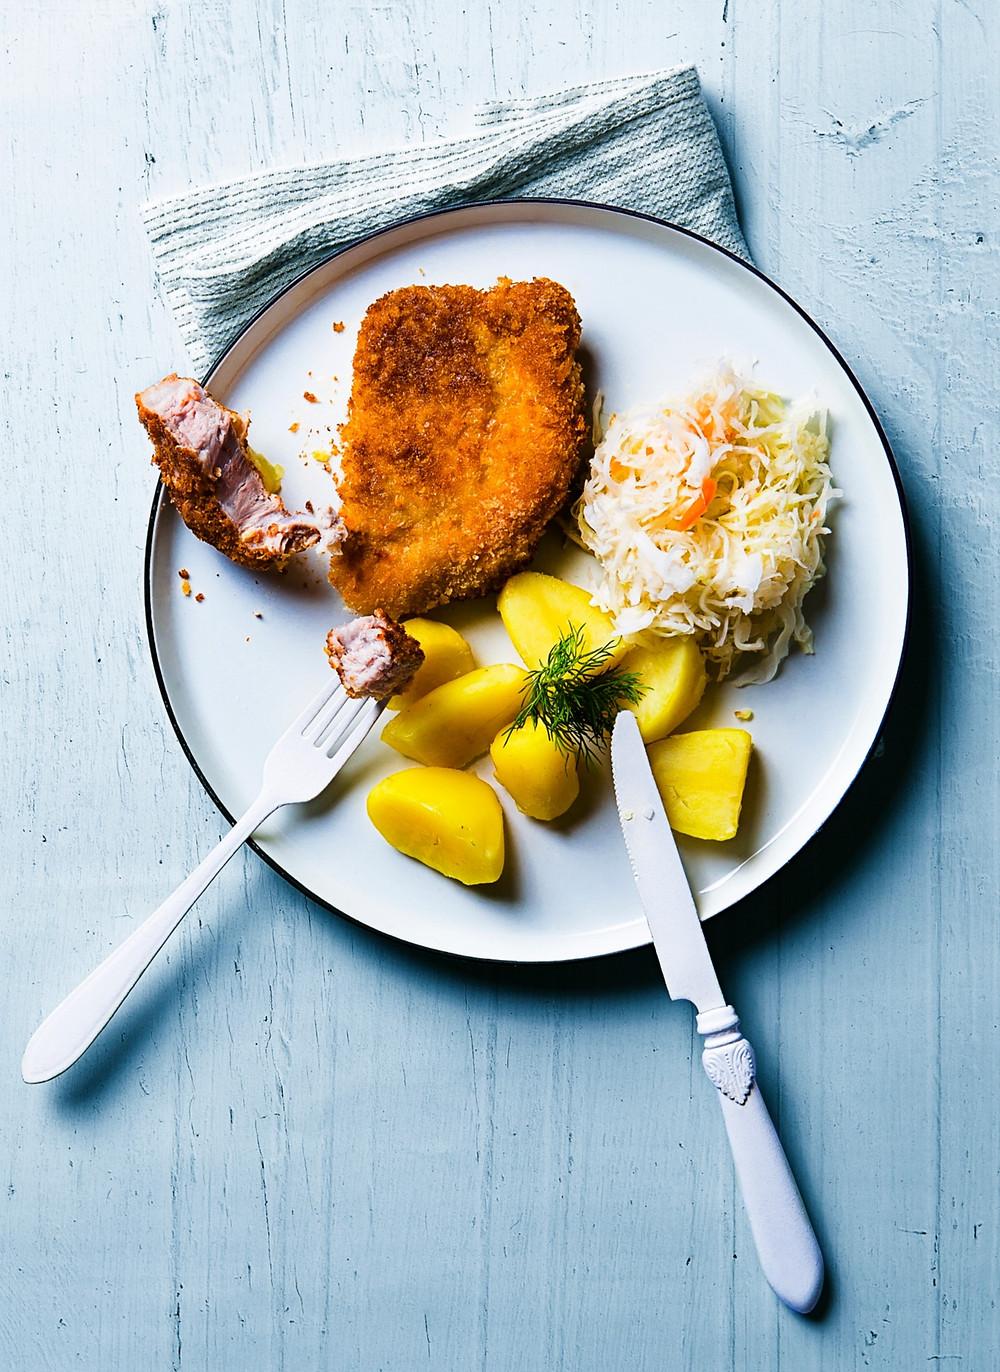 lietuviškas karbonadas, vmgonline.lt receptai, Alfo Ivanausko receptai, idėjos pietums, lietuviški patiekalai